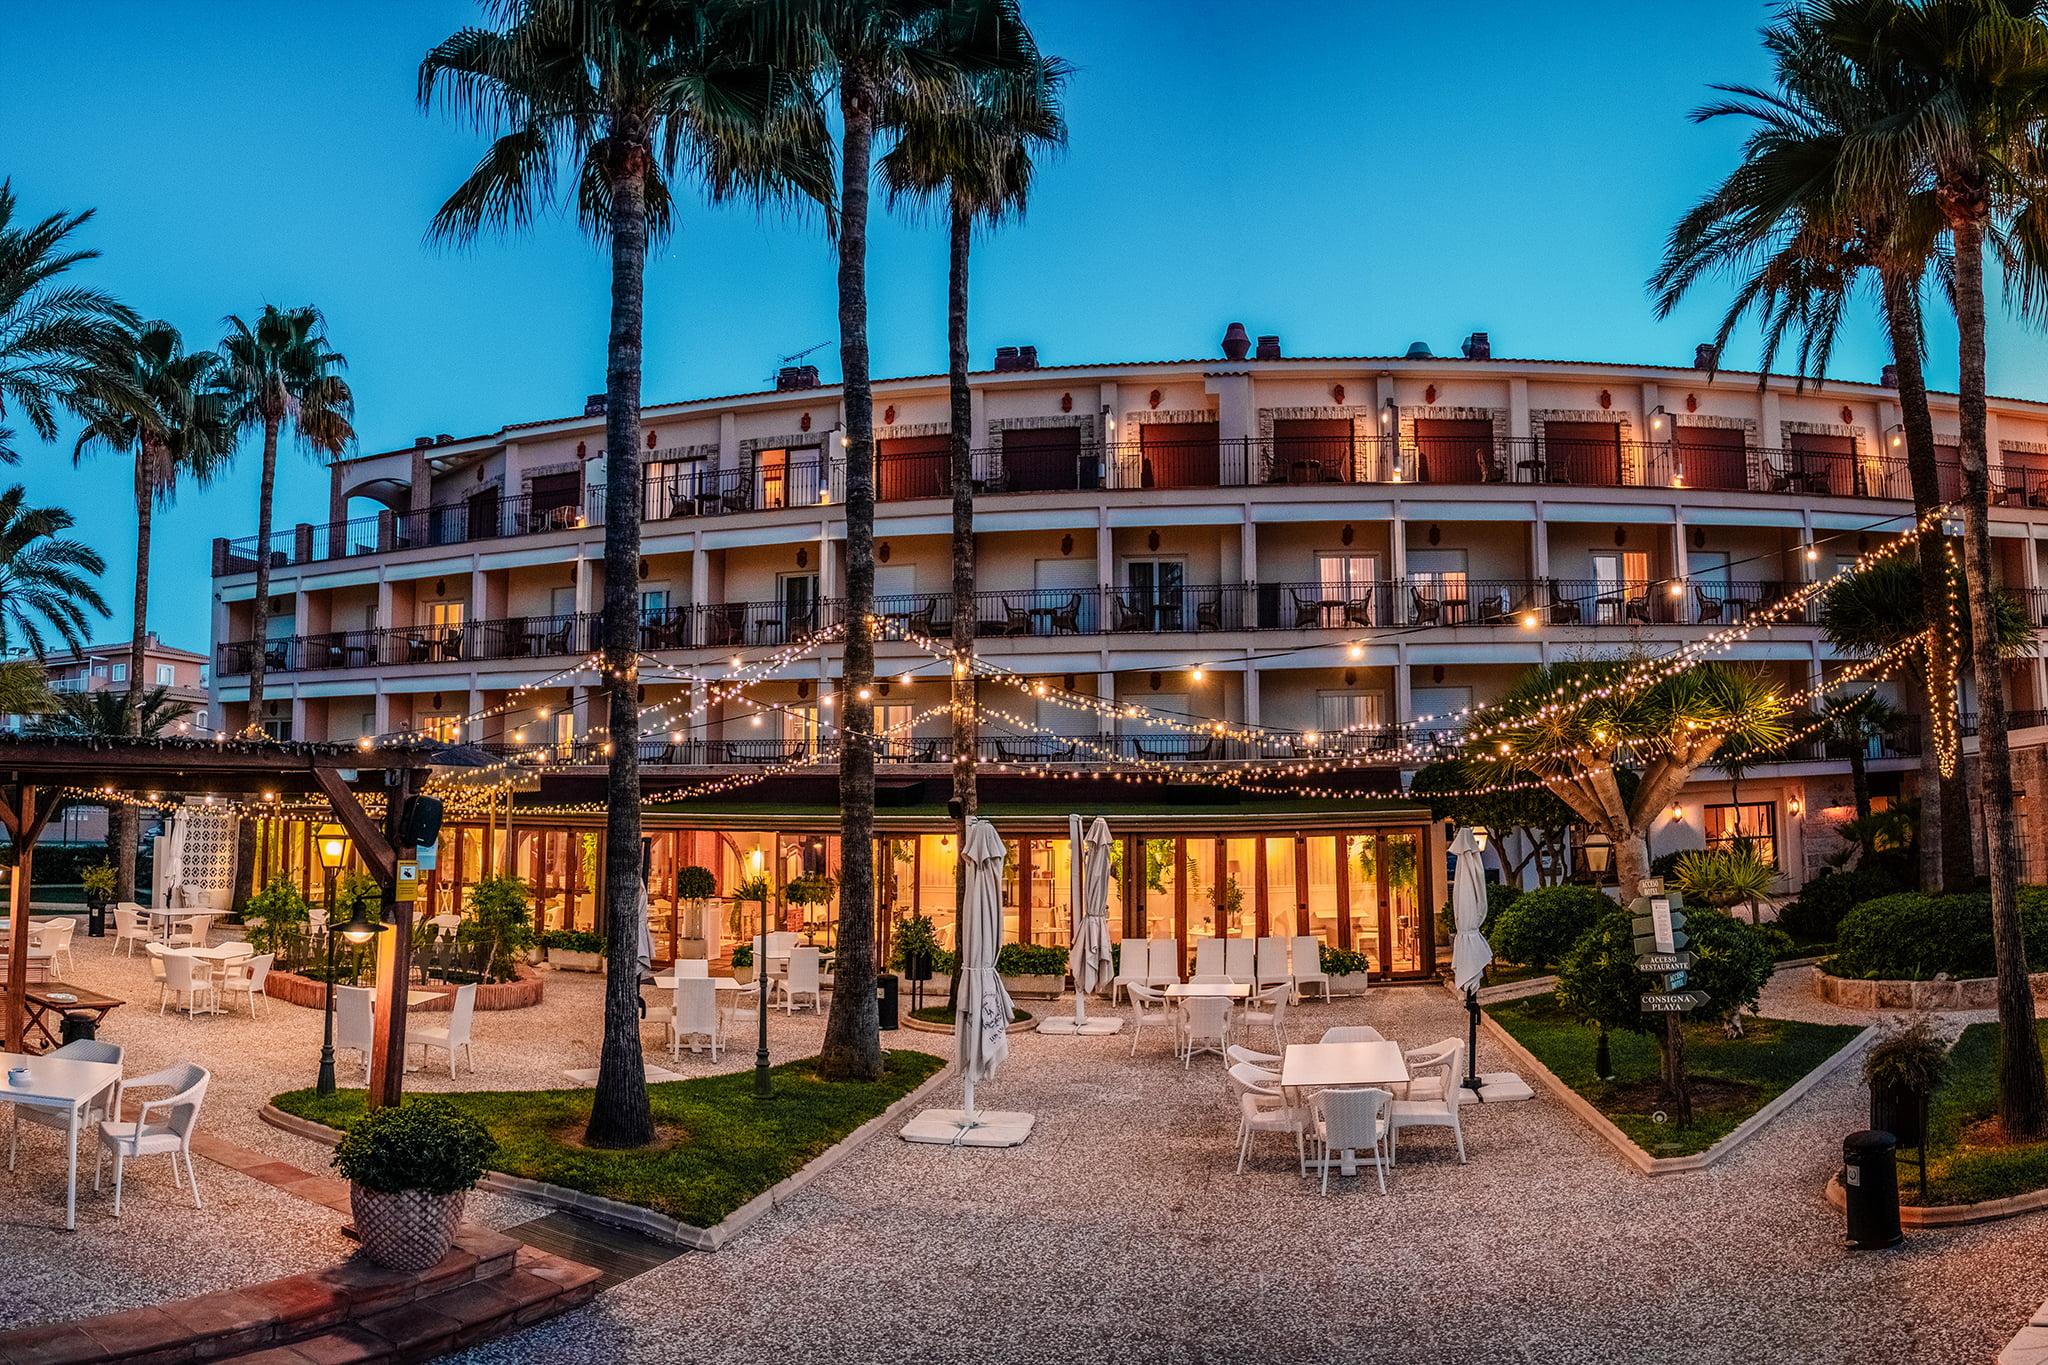 Hotel en Dénia – Hotel Los Angeles